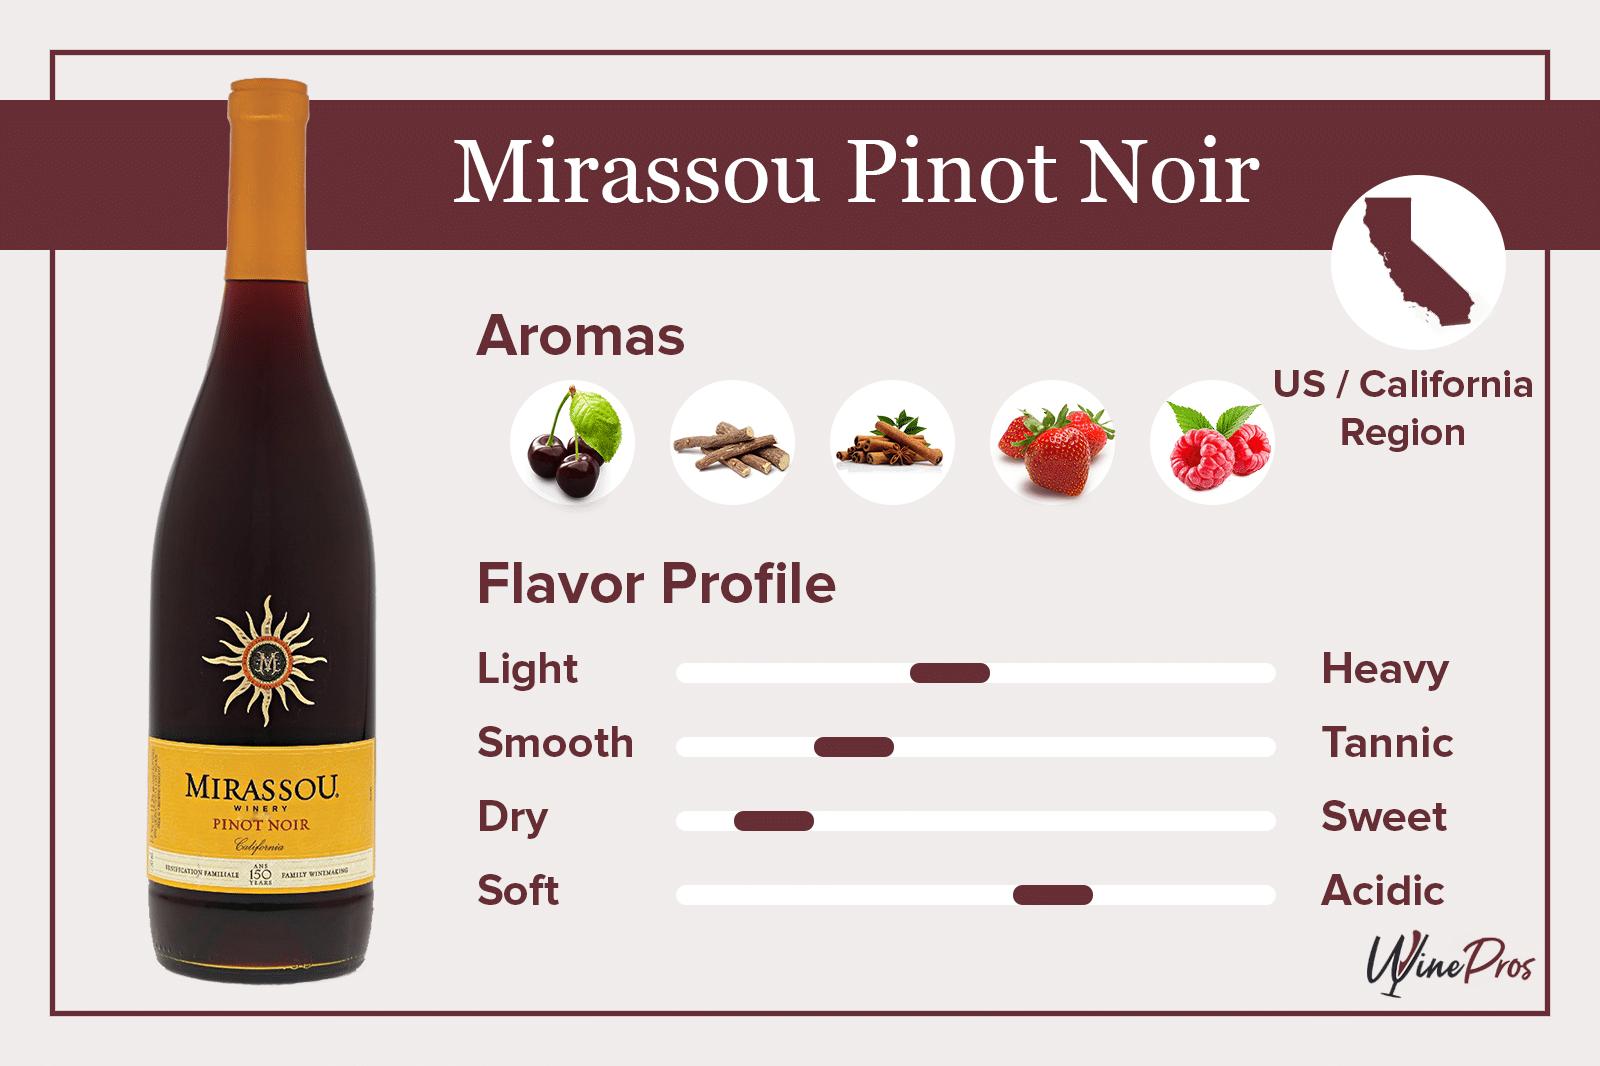 Mirassou Pinot Noir Featured